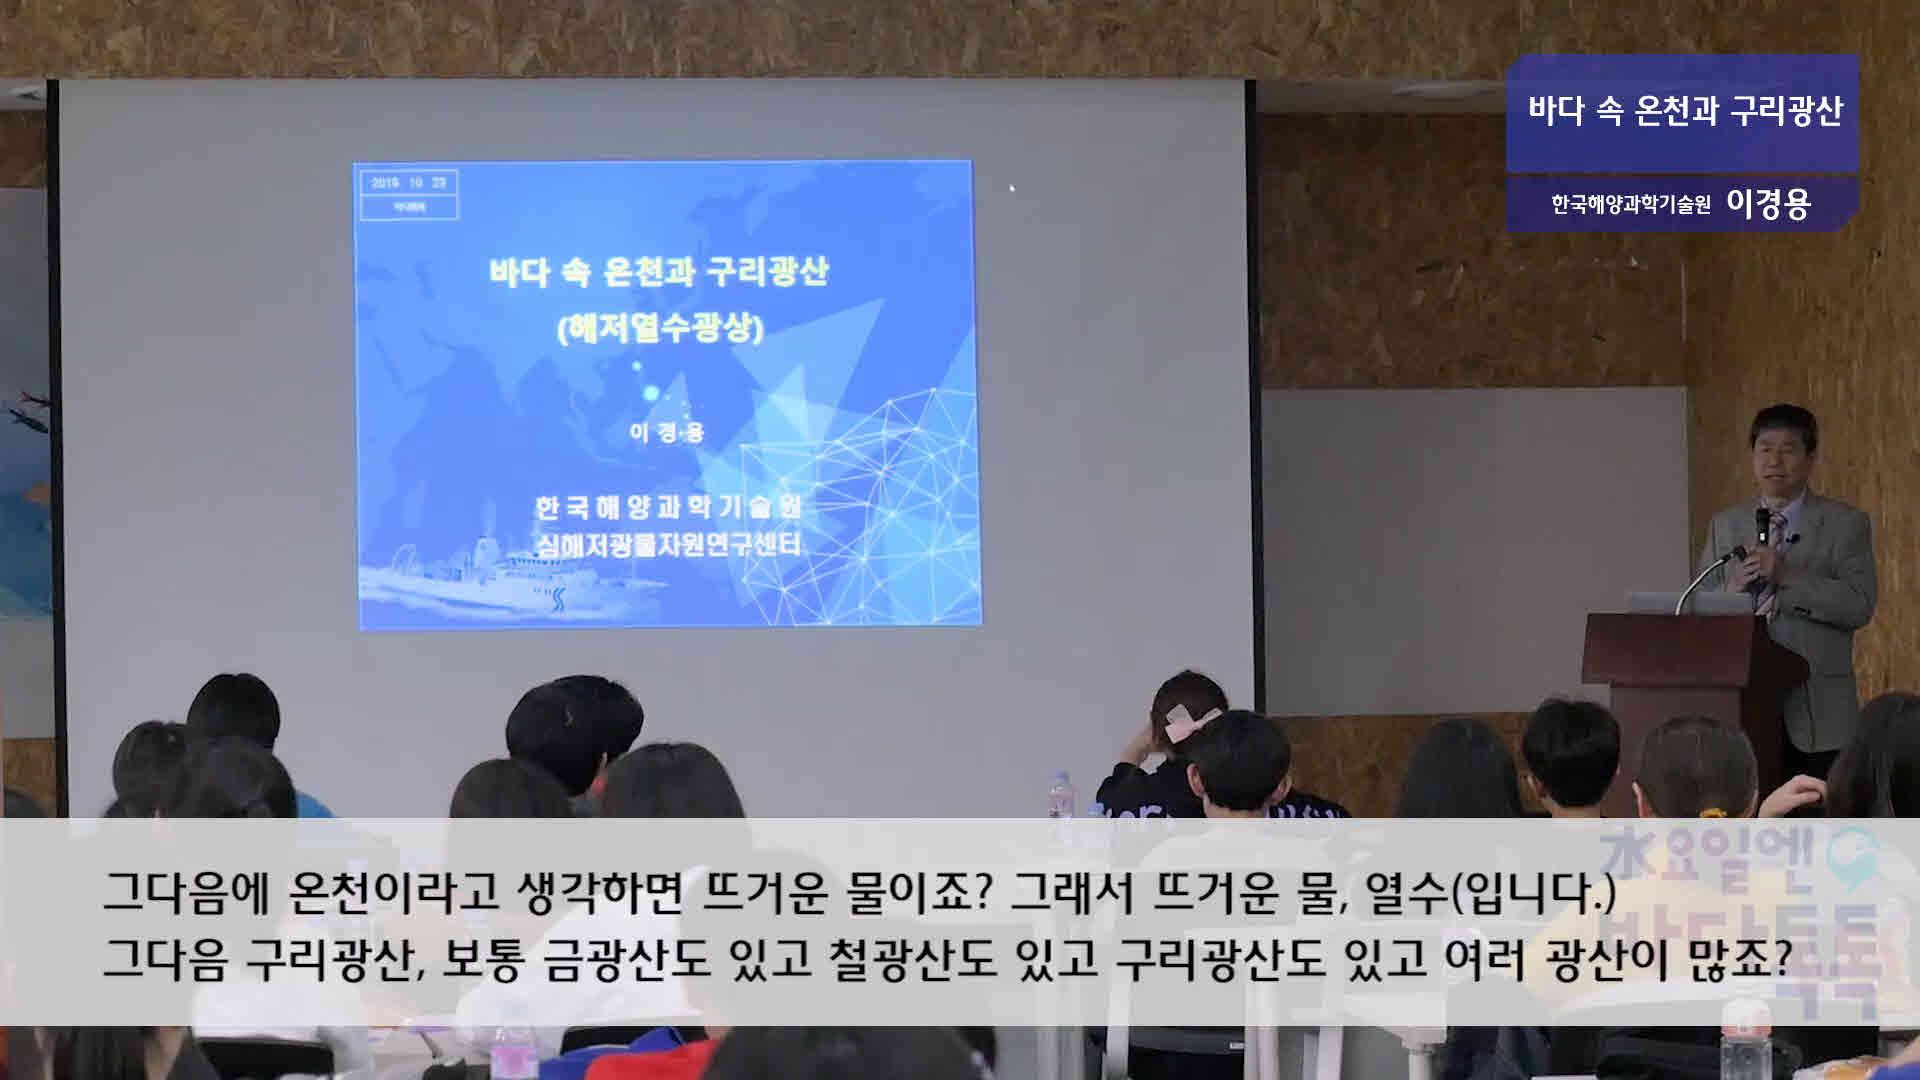 서울 12회 본강연